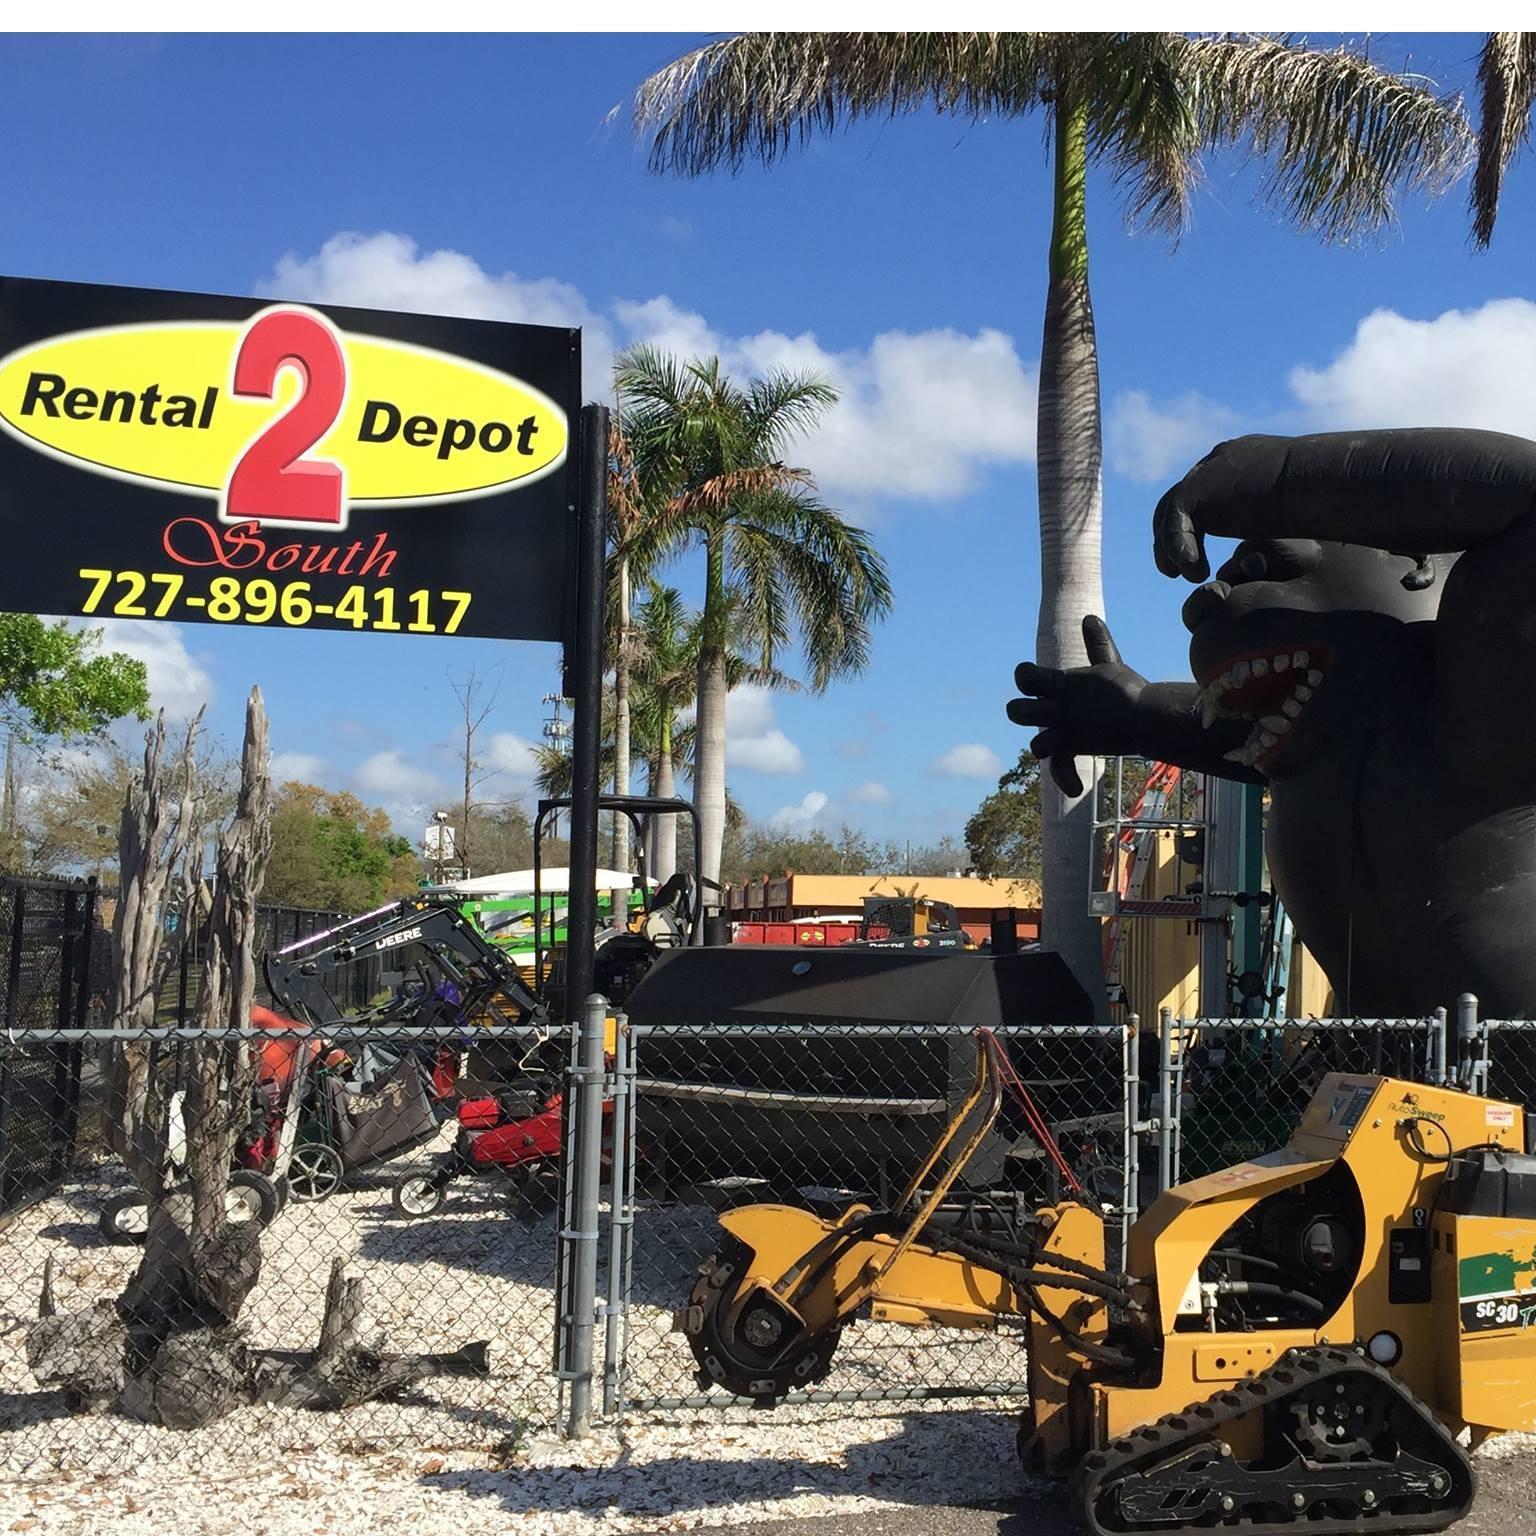 Rental 2 Depot - Gulfport, FL - Rental & Repair